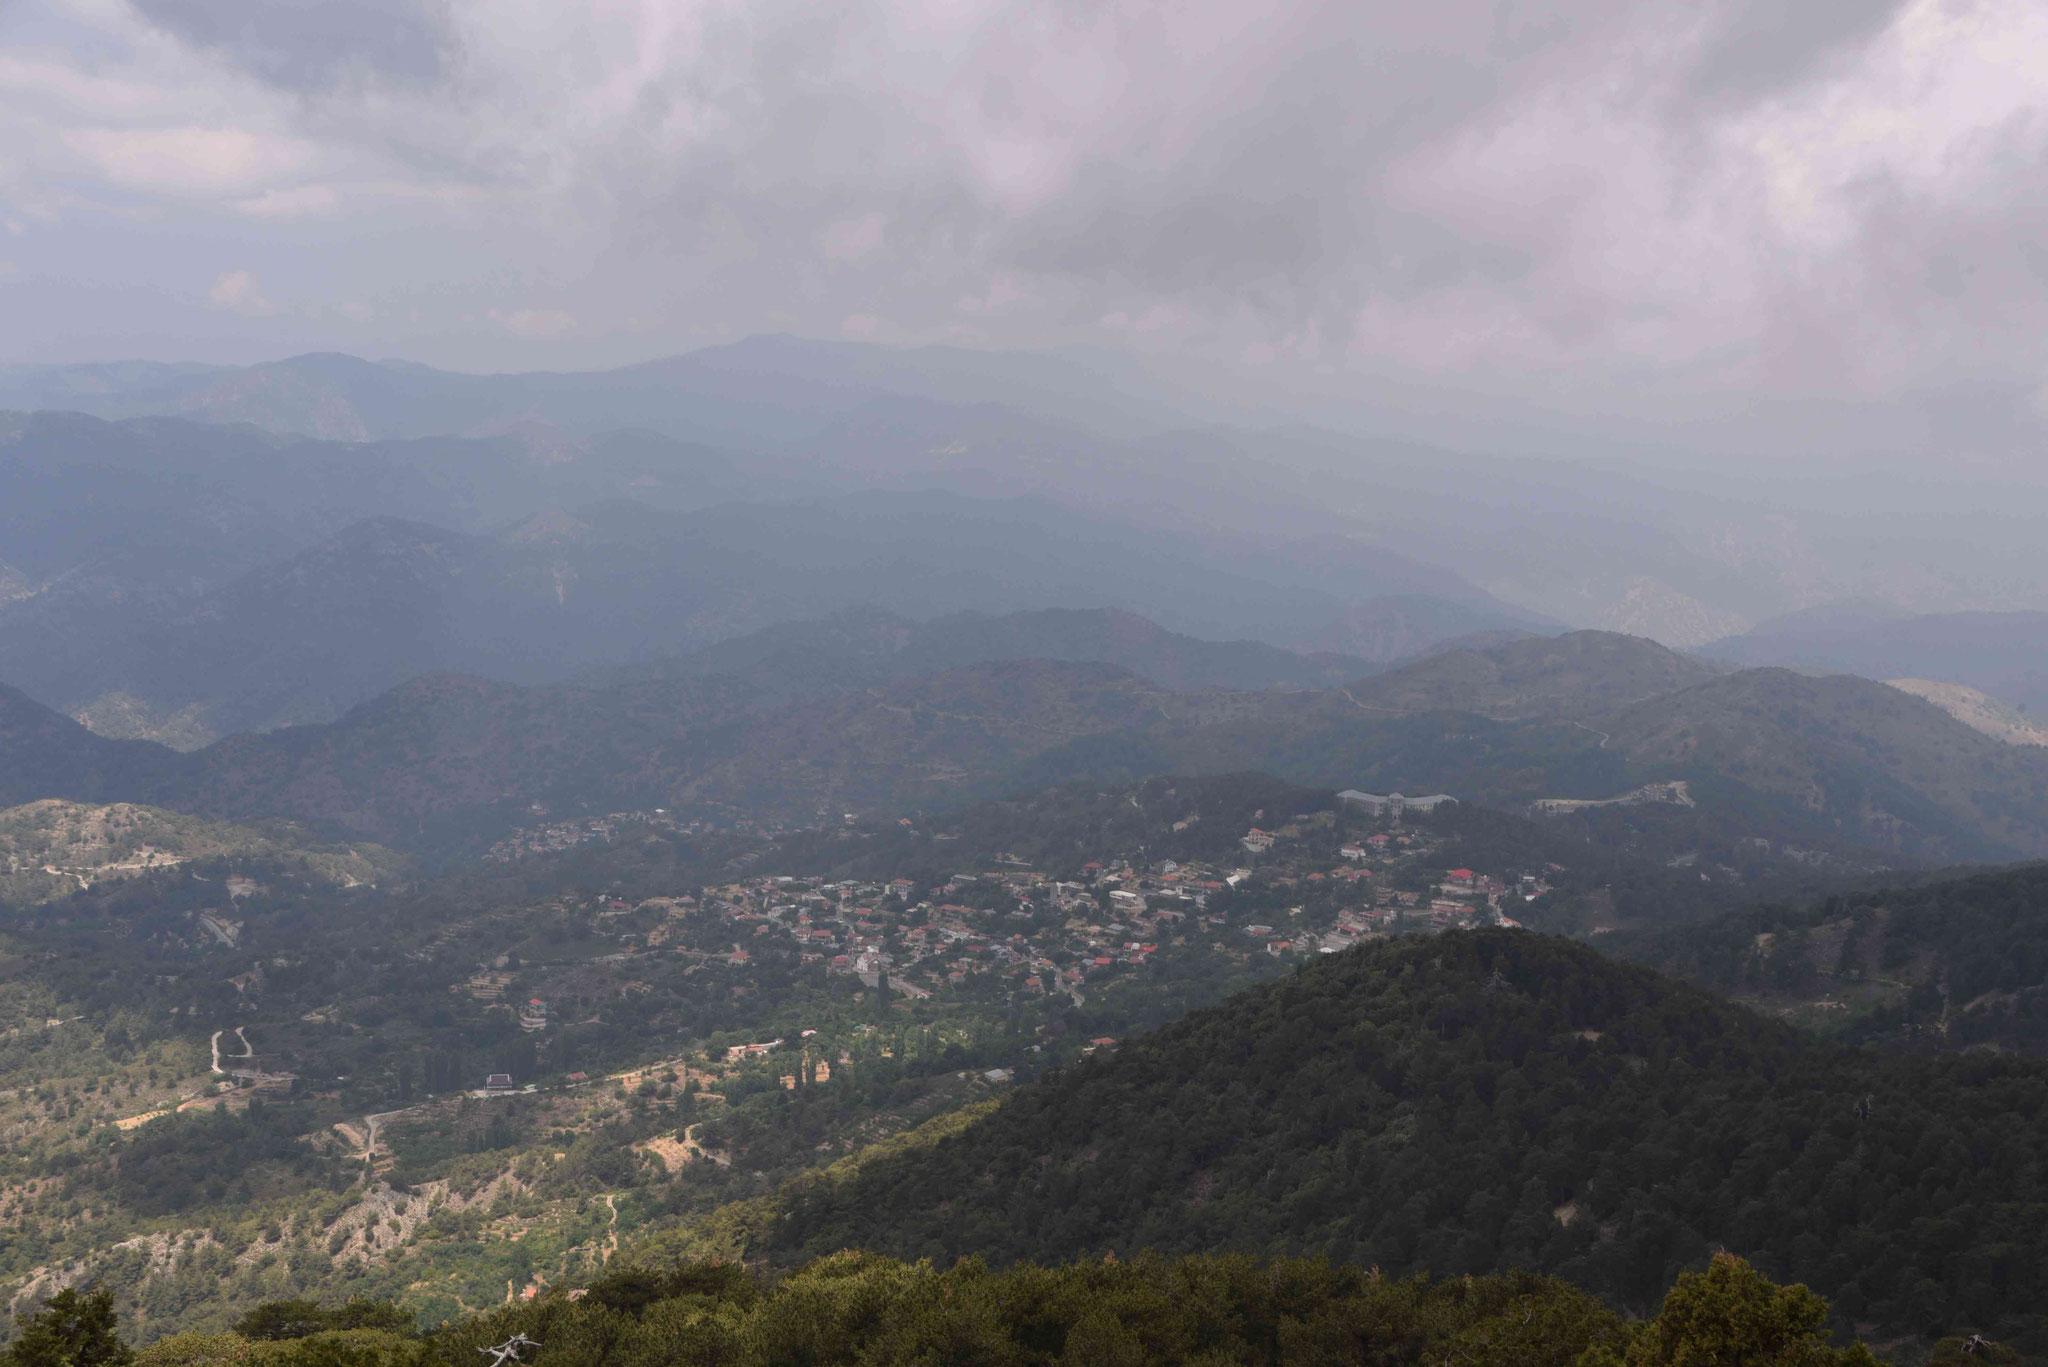 Nochmals den Blick über die Berglandschaft genießen